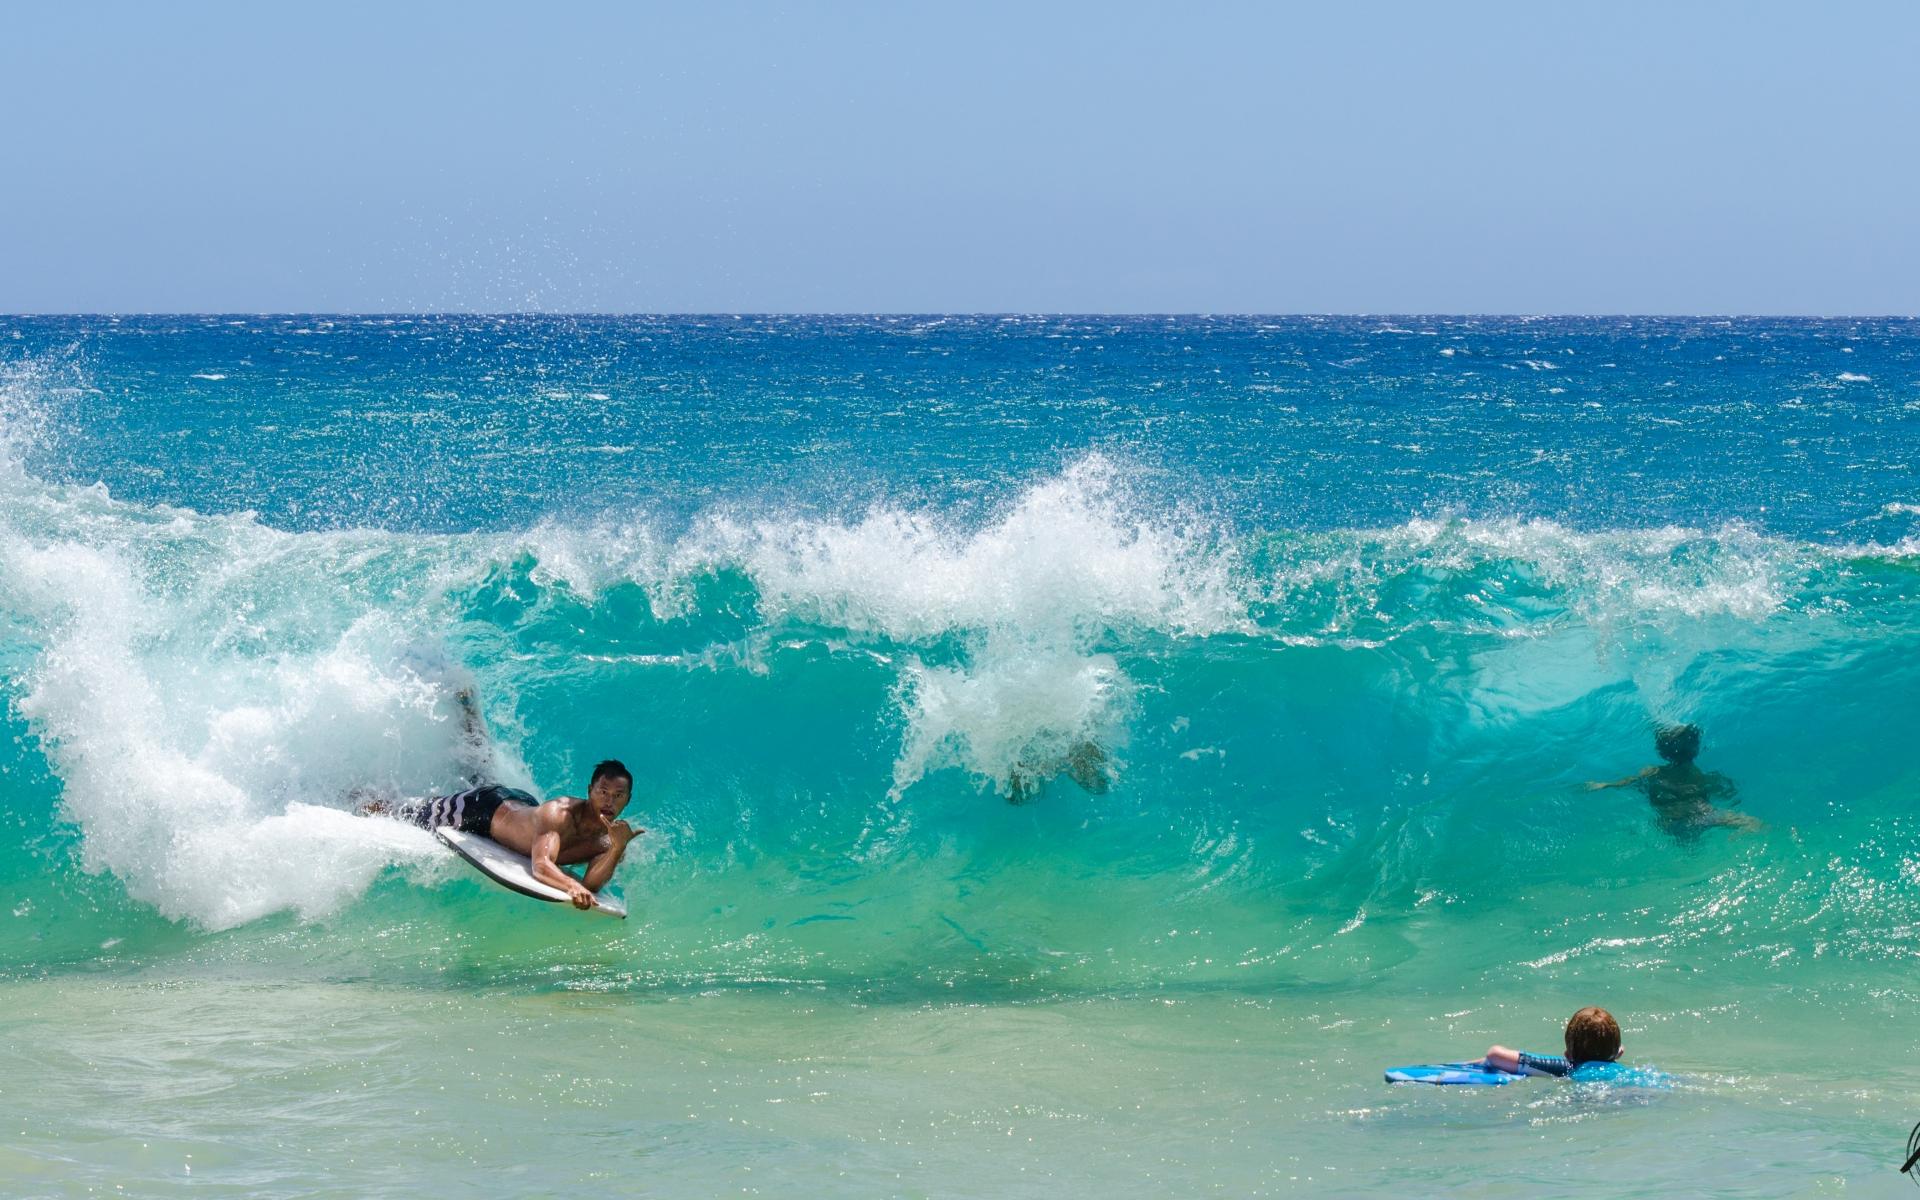 Clases de Surf - 1920x1200